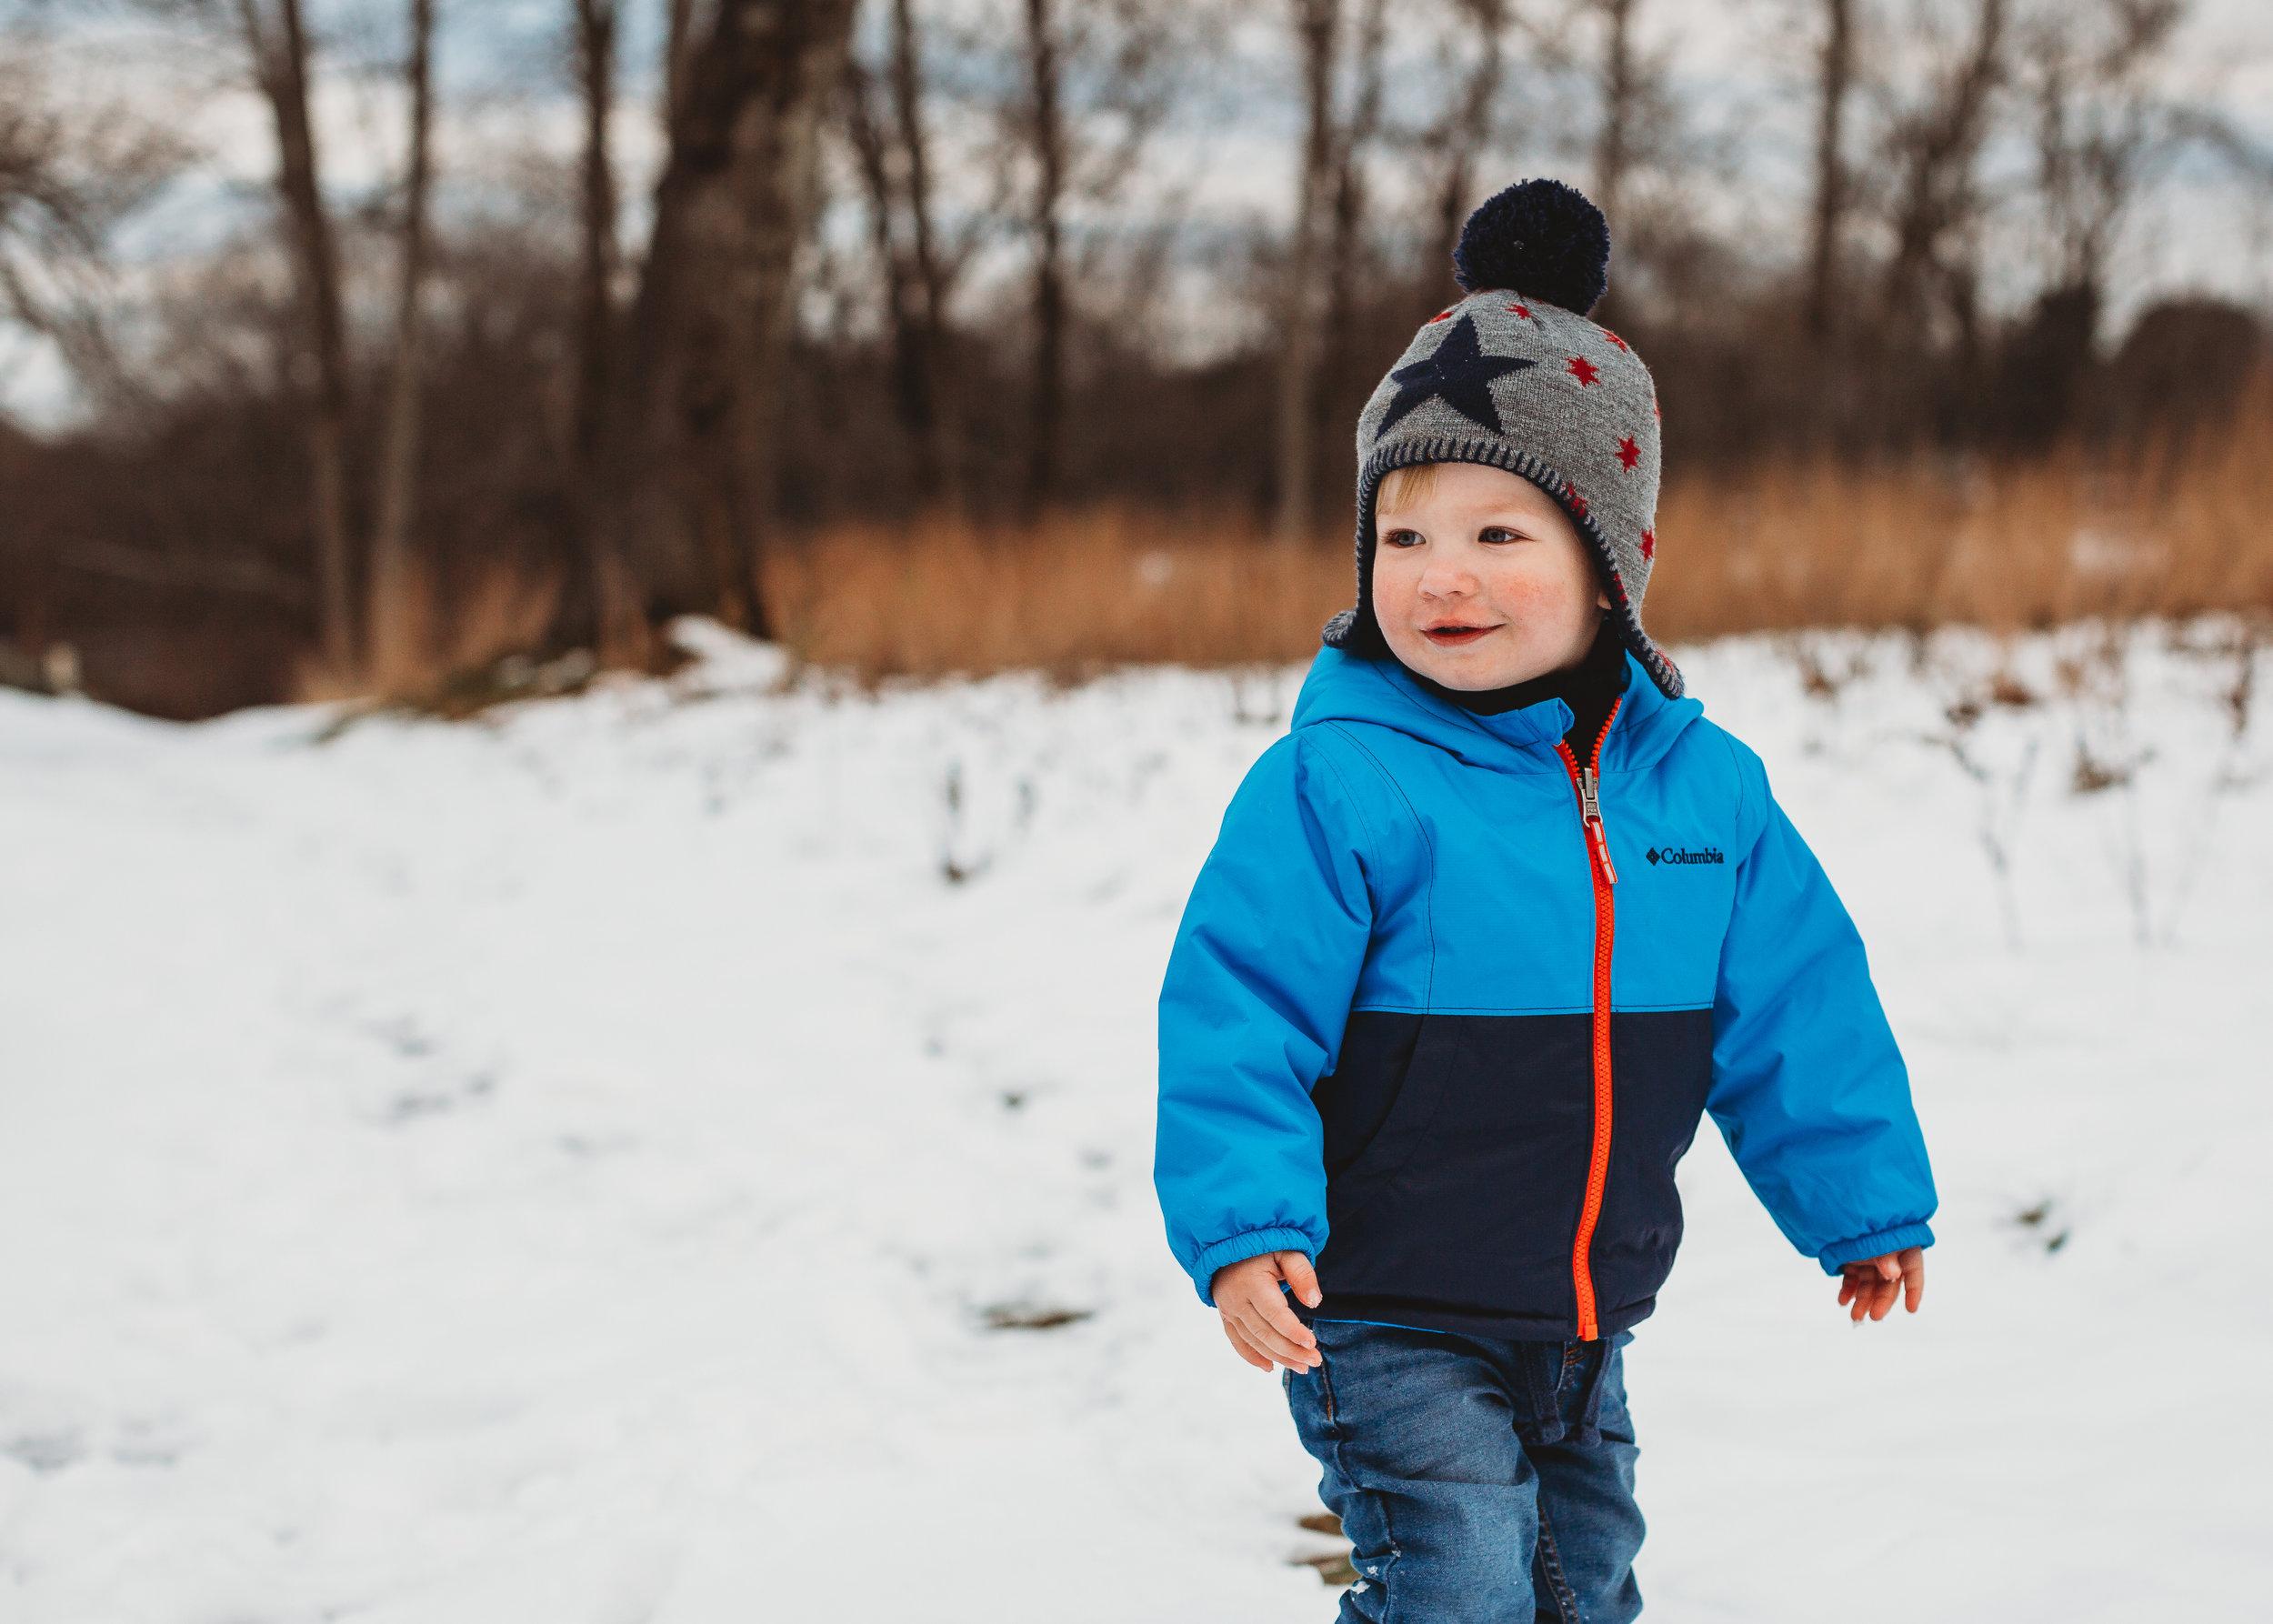 Snowy toddler photo session / Boston family photographer